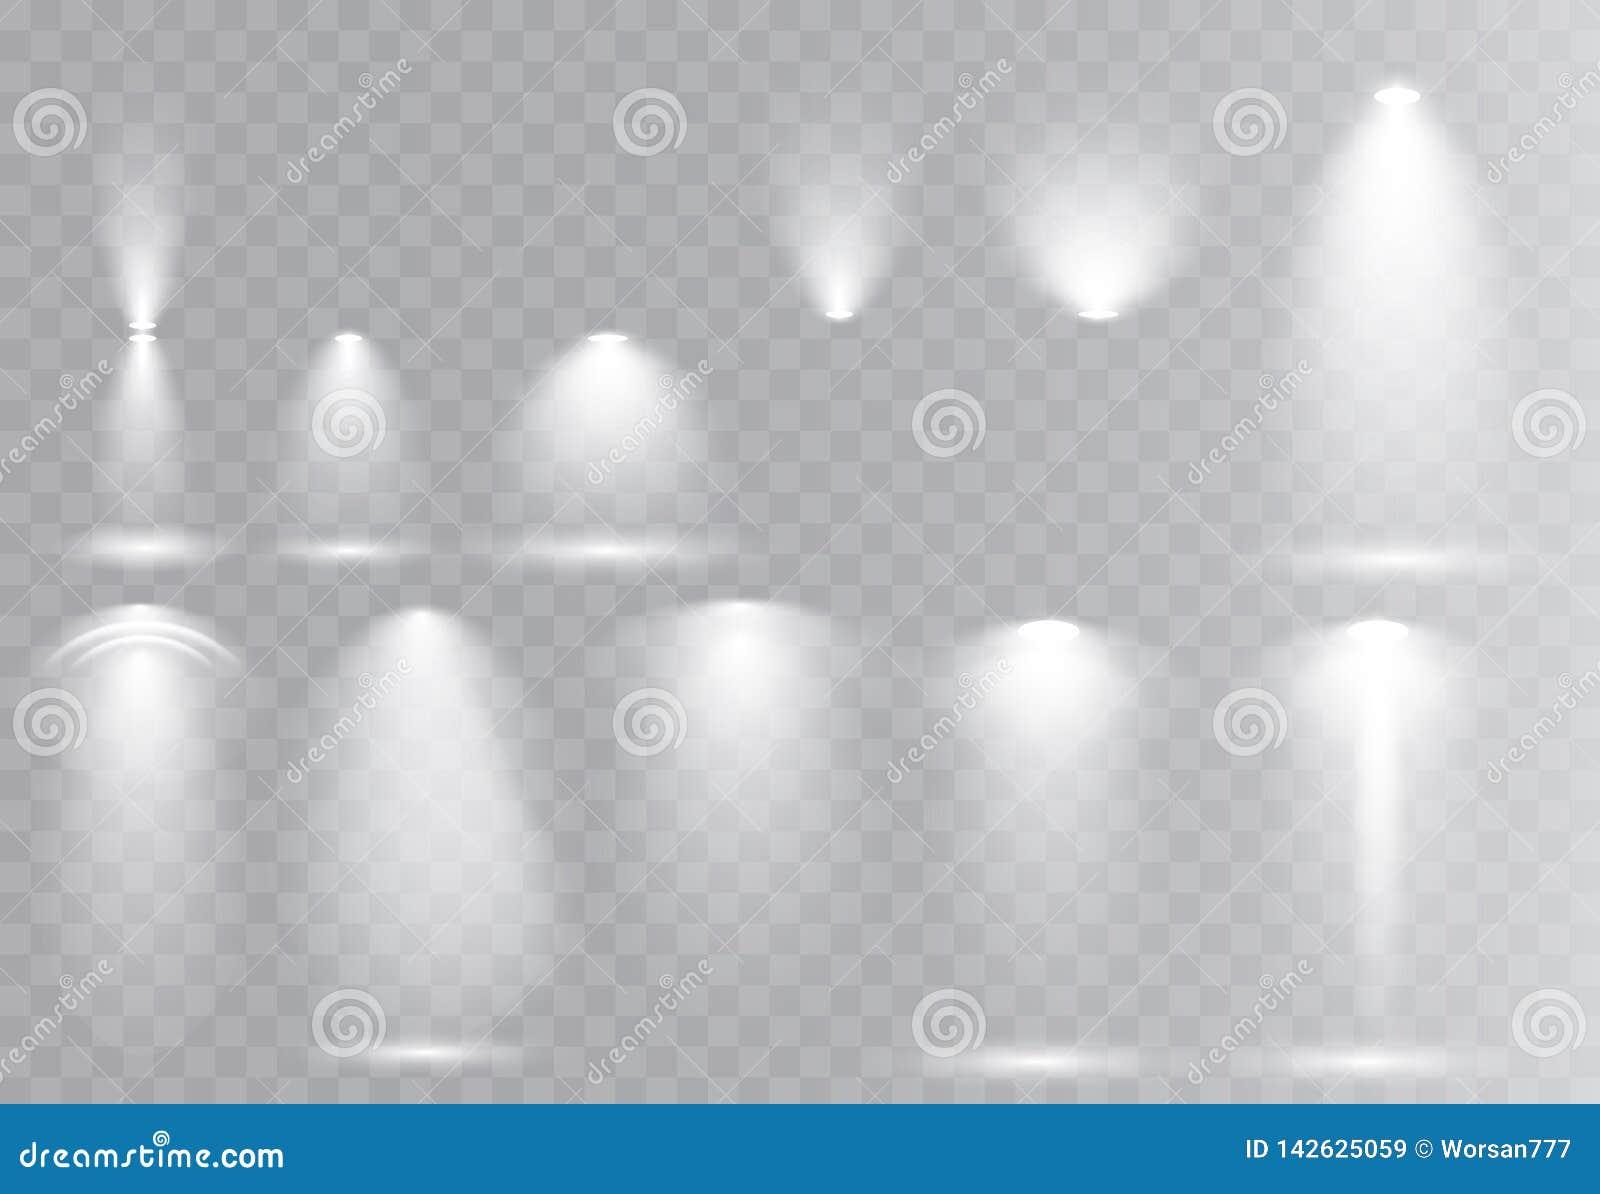 Vektorljuskällor, konsertbelysning, etappstrålstrålkastare ställde in prålig effekt för lins